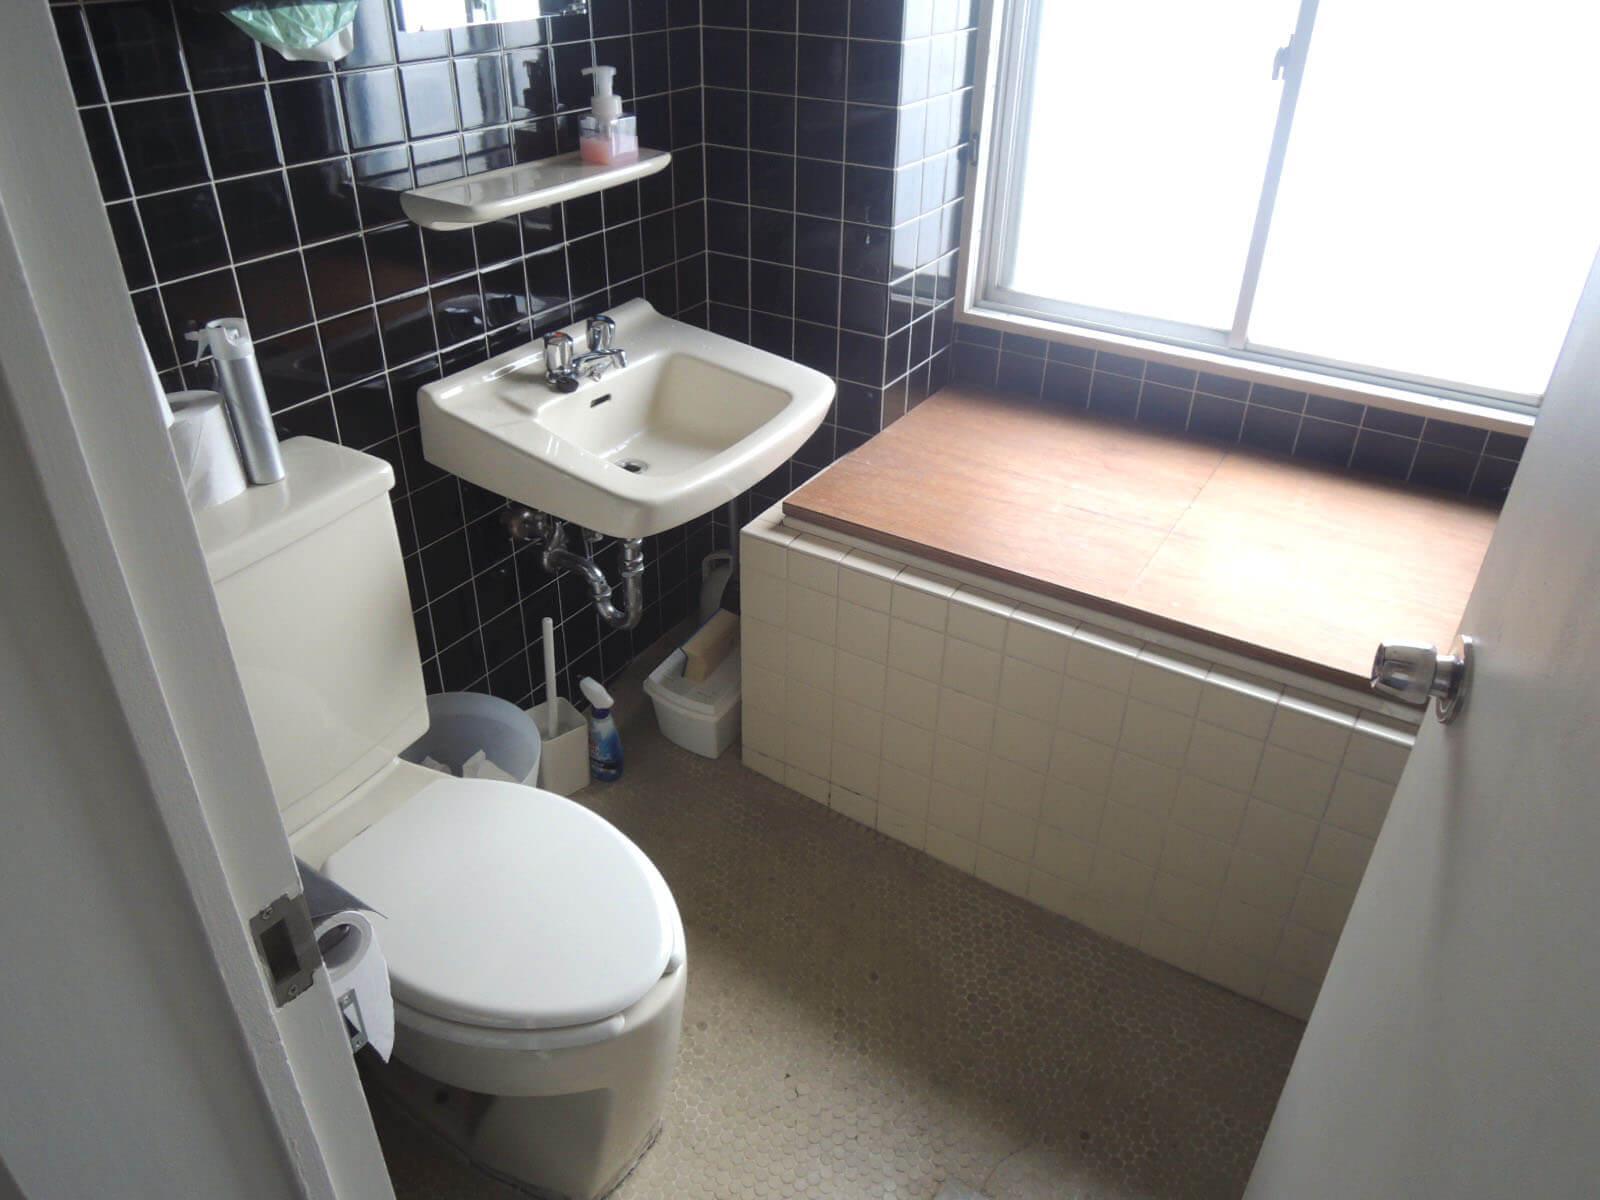 昔の名残があるバスルーム。今はトイレ洗面だけ使えます。